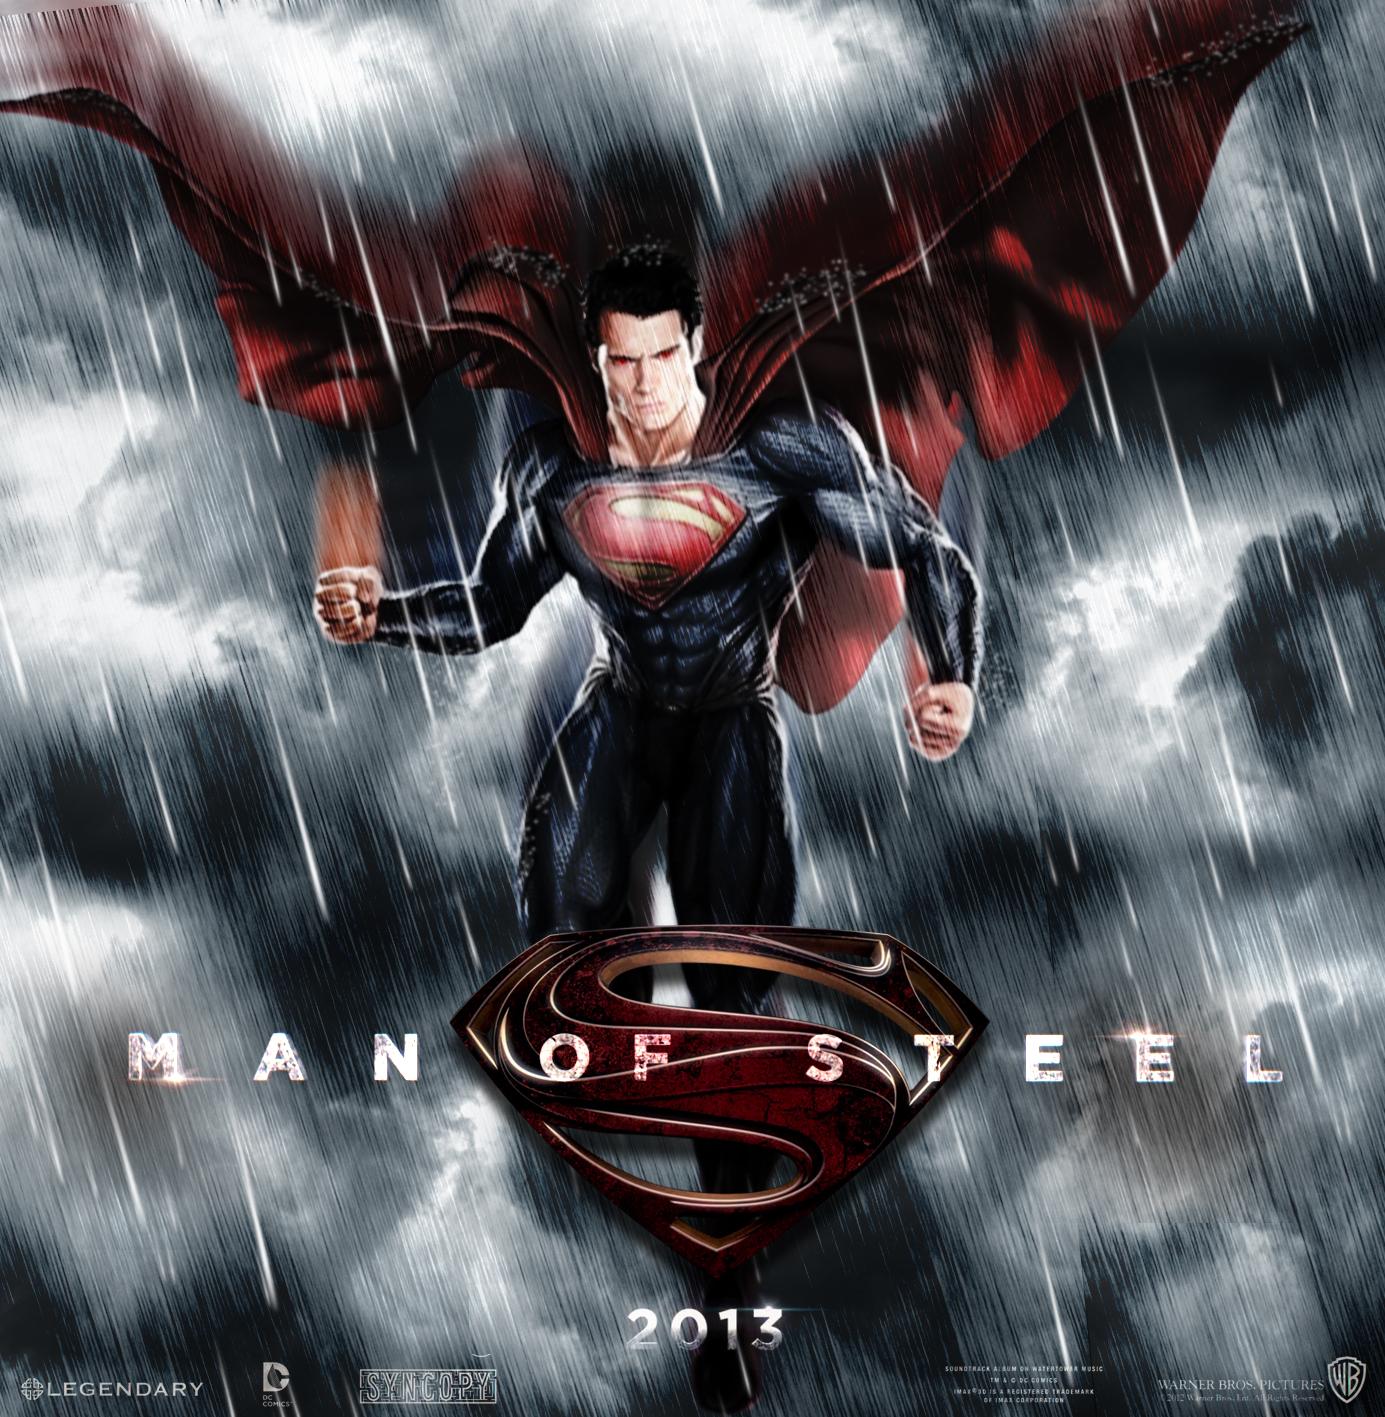 man of steel full movie in hindi download 1080p online